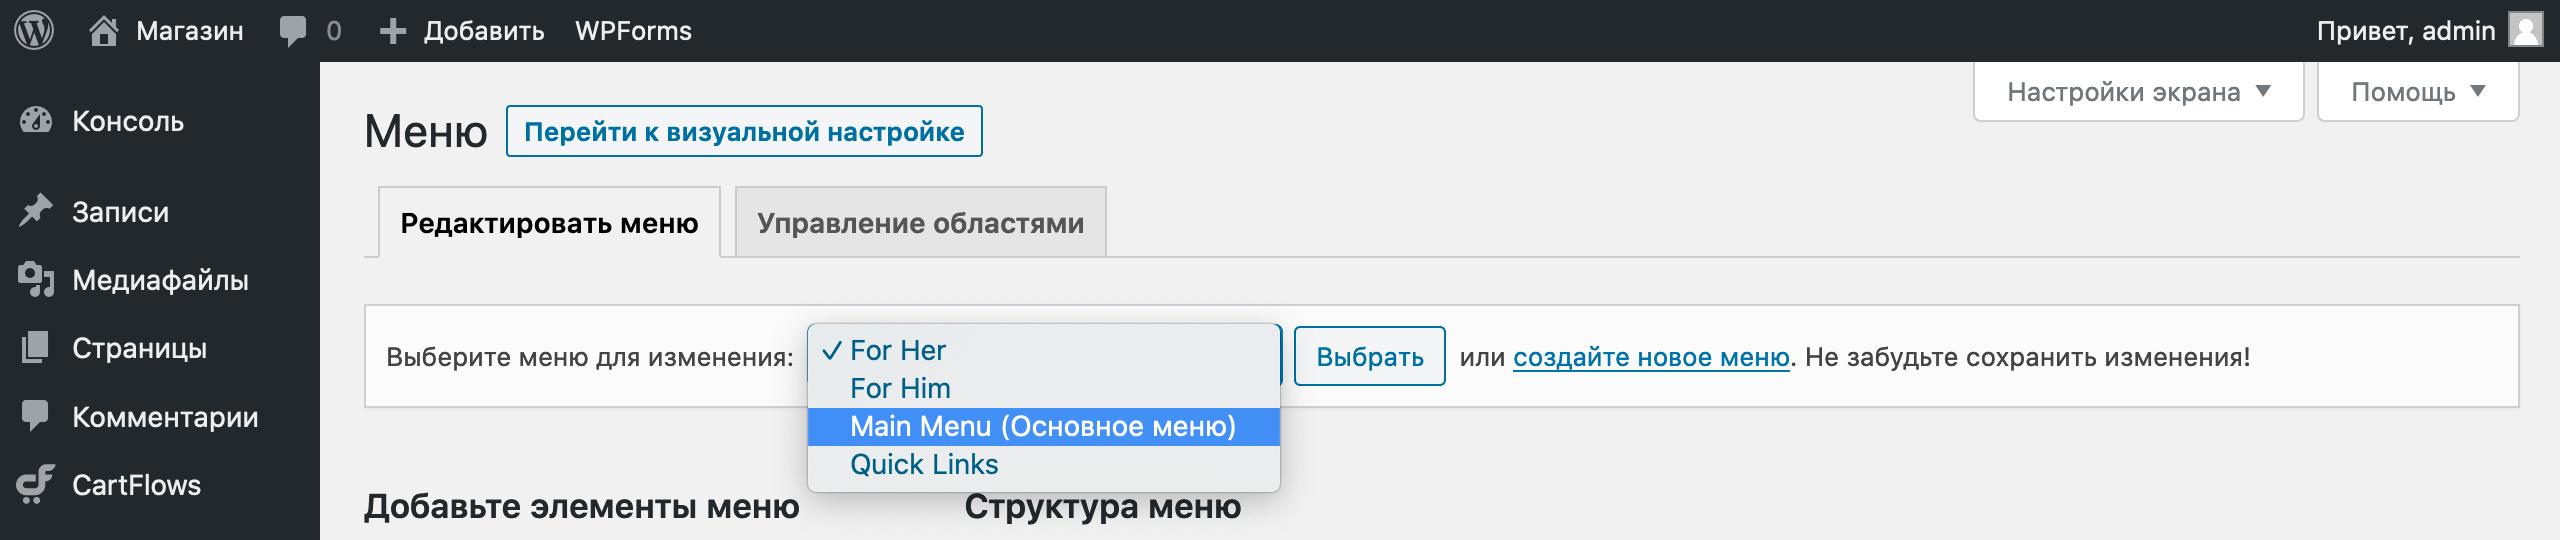 Интернет-магазин в WordPress: место выбора меню для редактирования